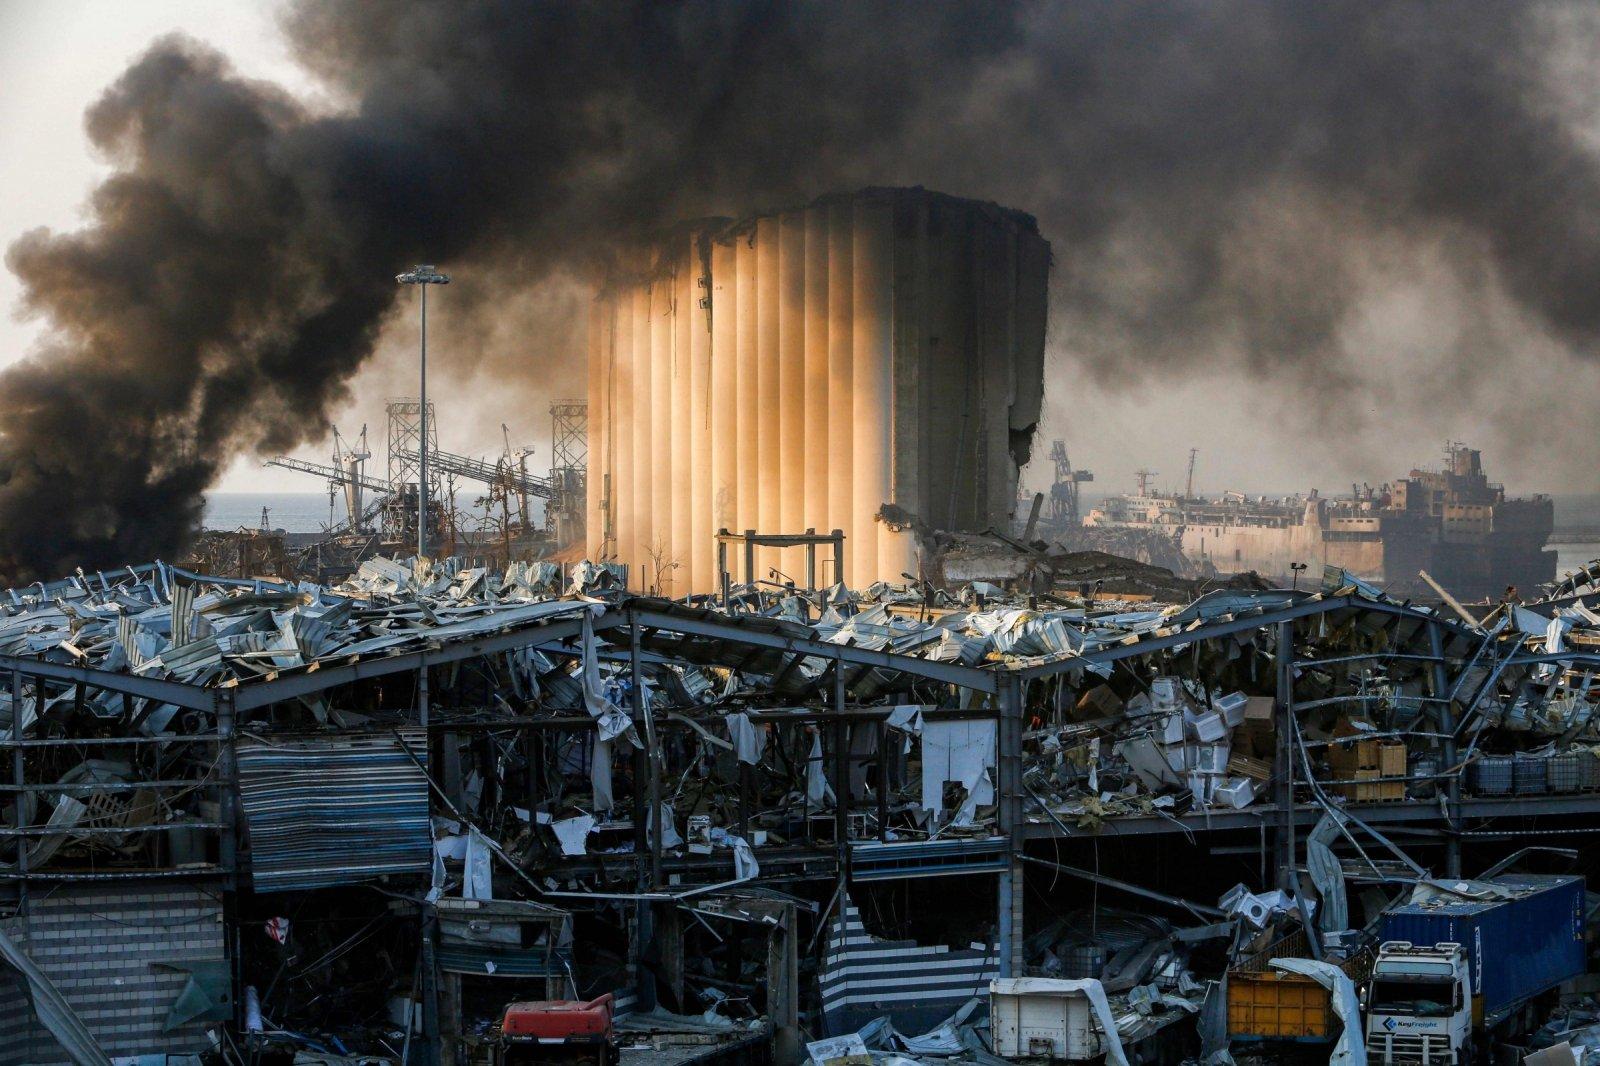 النائب العام اللبنانى: إحالة قضية انفجار ميناء بيروت للقاضى العدلى و25 مشتبها به